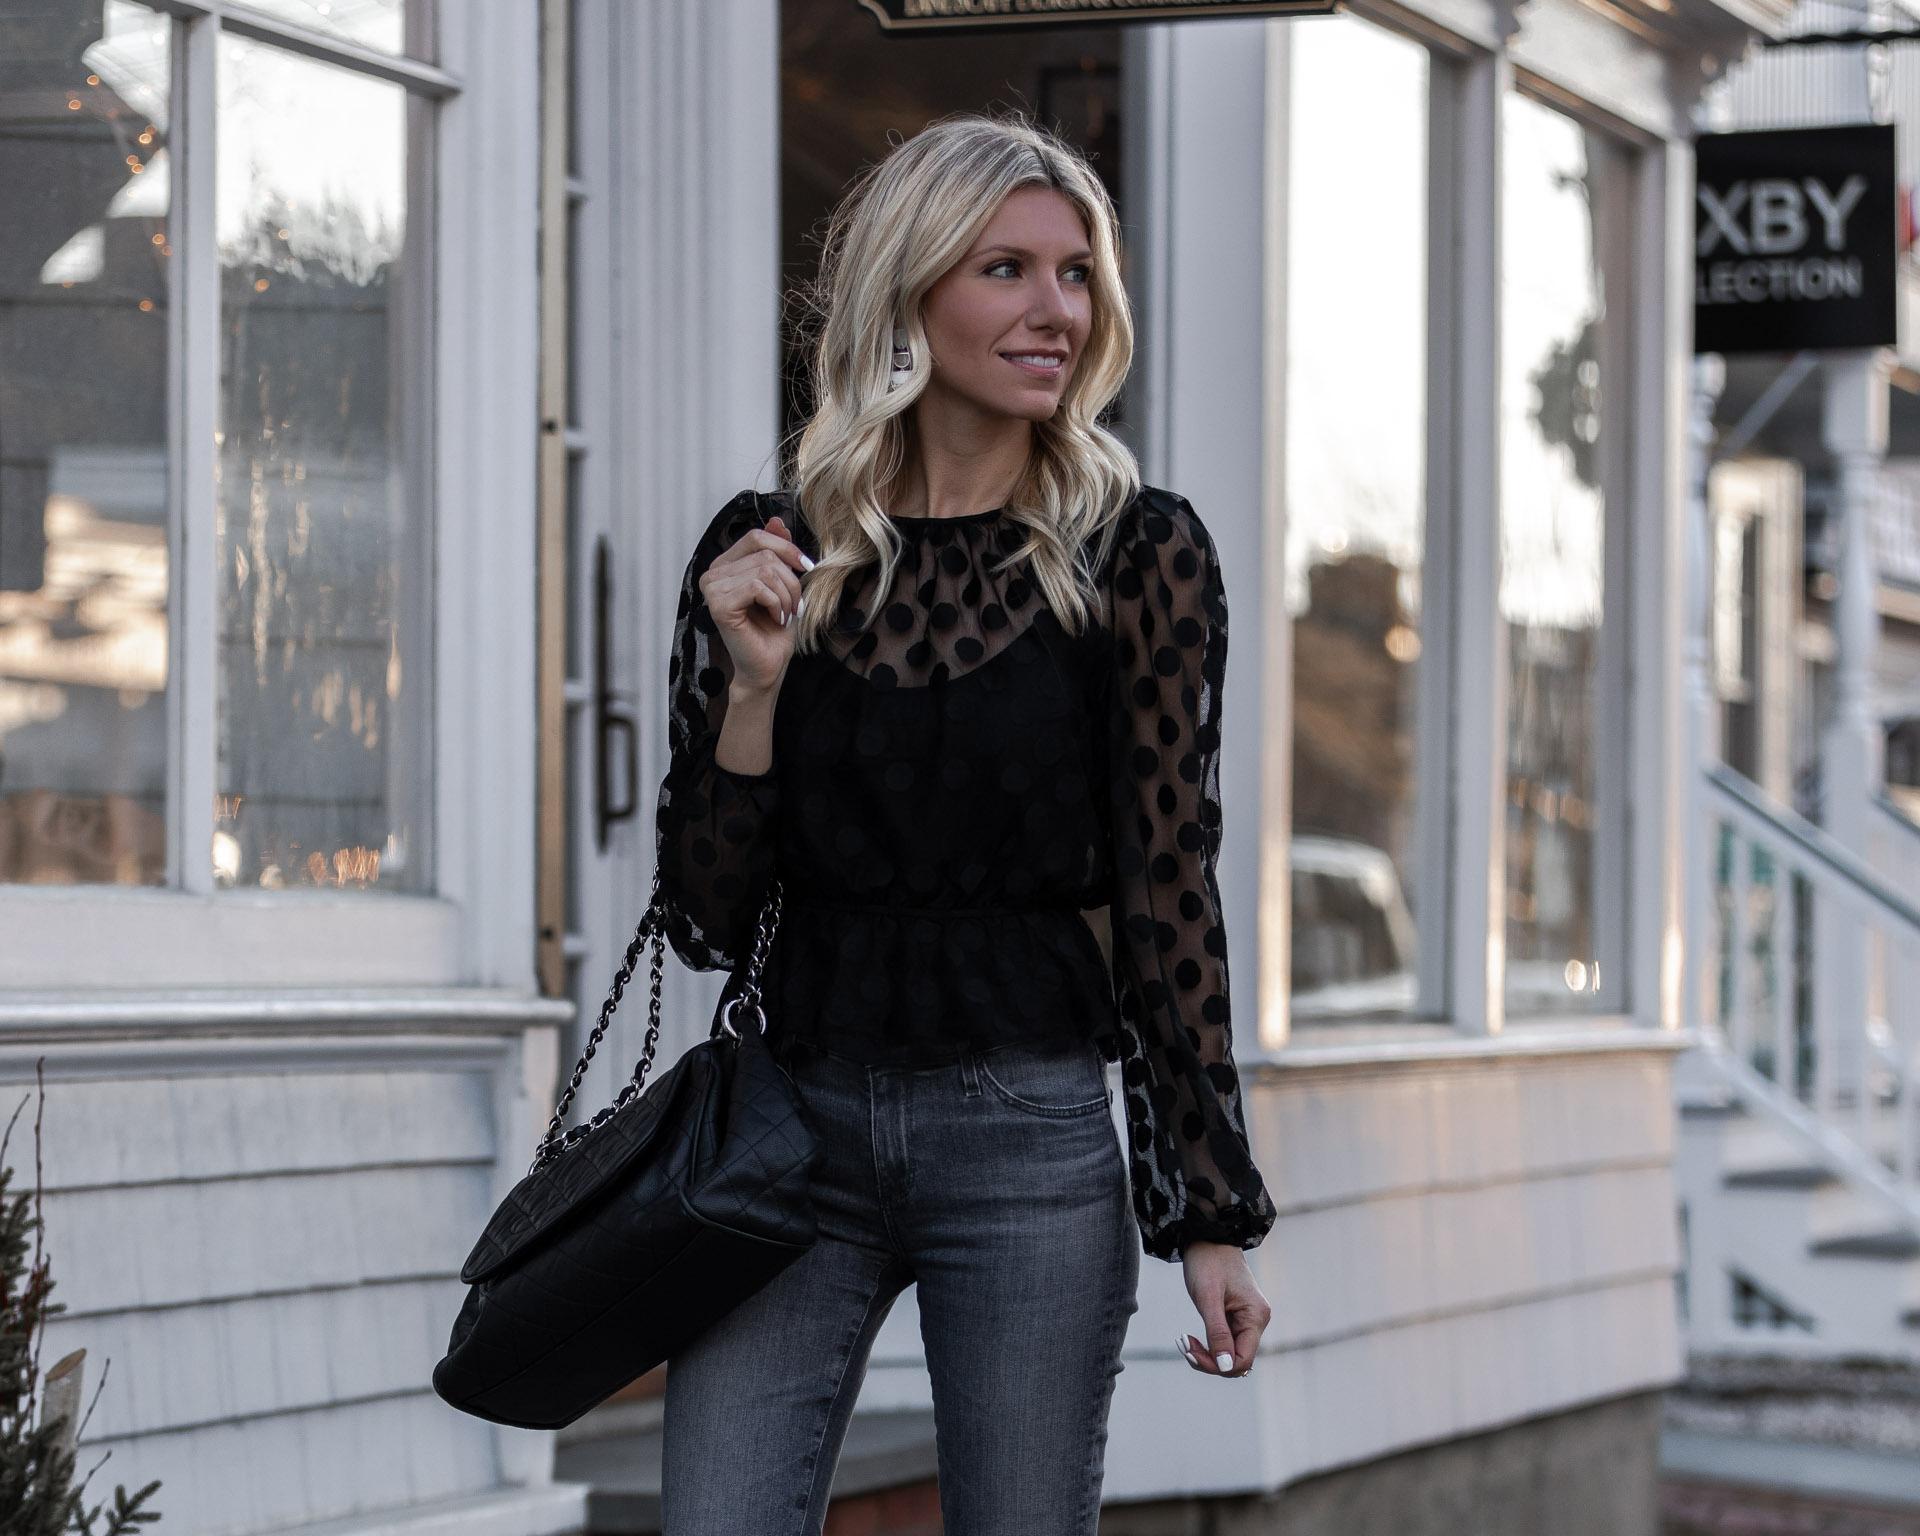 chic-black-polka-dot-mesh-top-glamorous-gal (1)